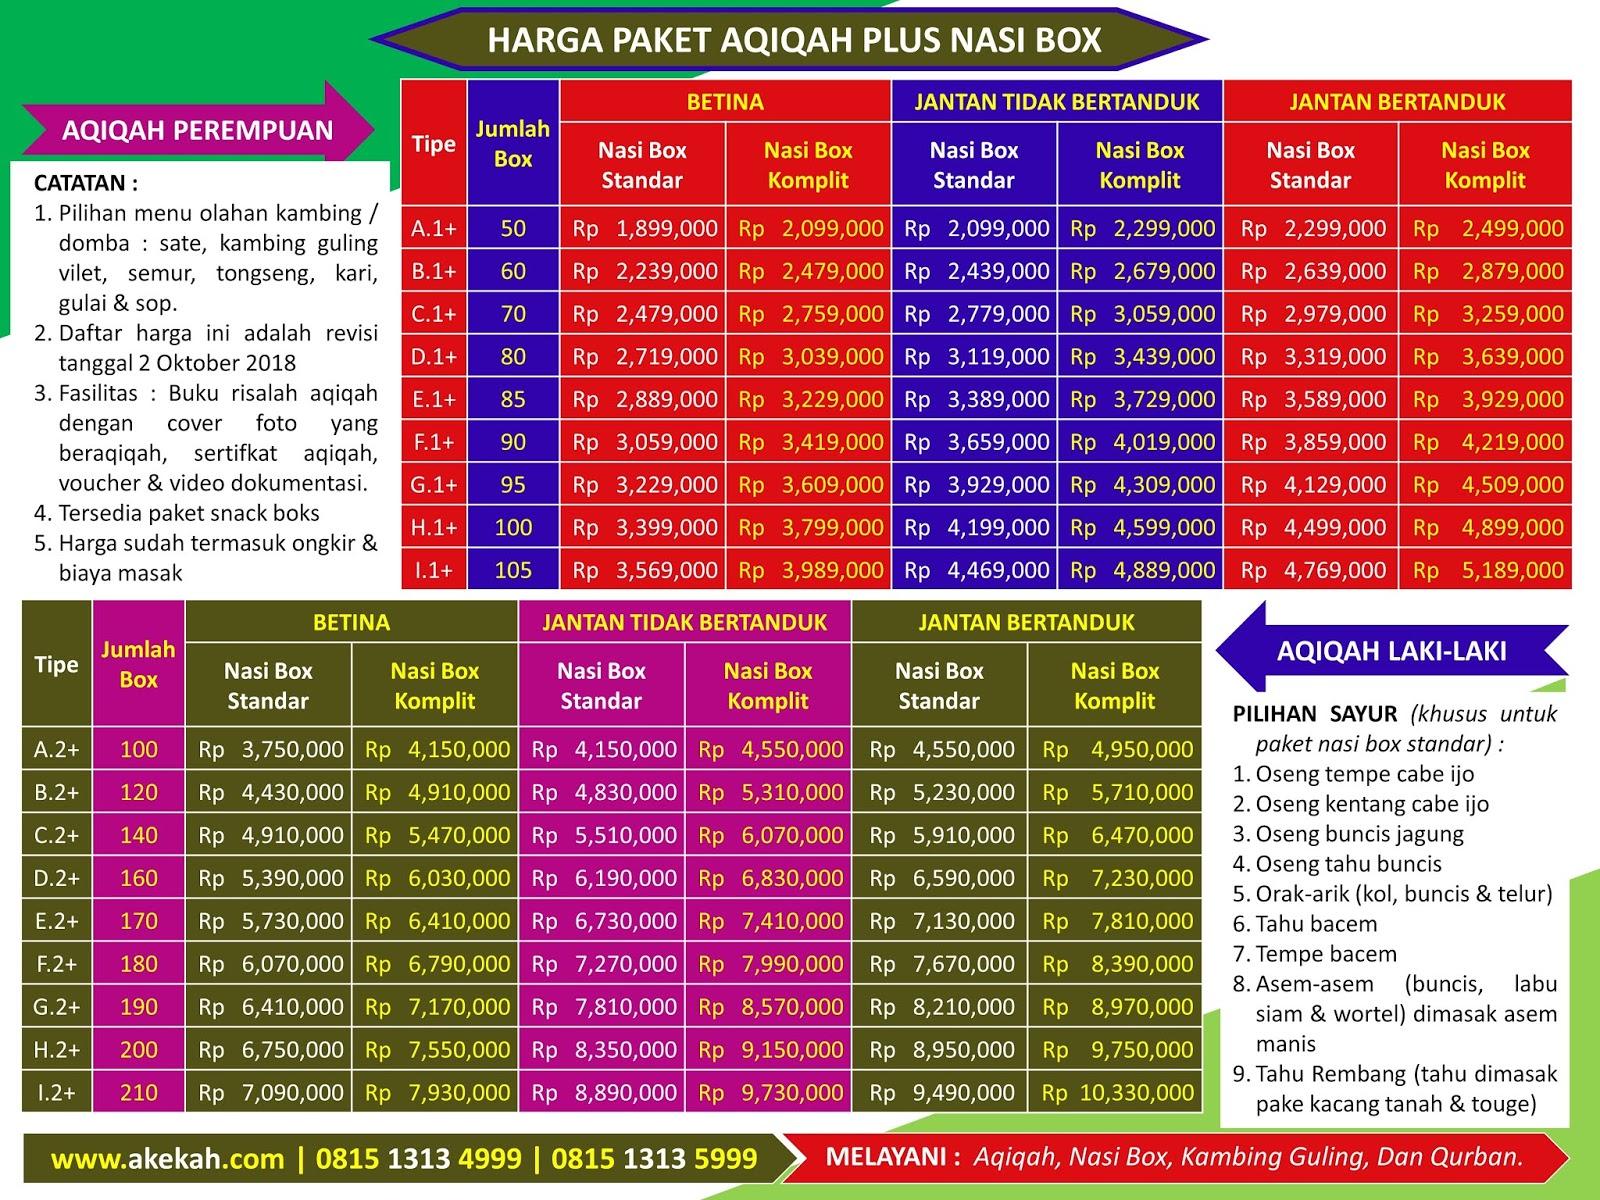 Harga Paket Aqiqah & Catering Yang Murah Untuk Anak Perempuan Daerah Kecamatan Tenjo Kabupaten Bogor